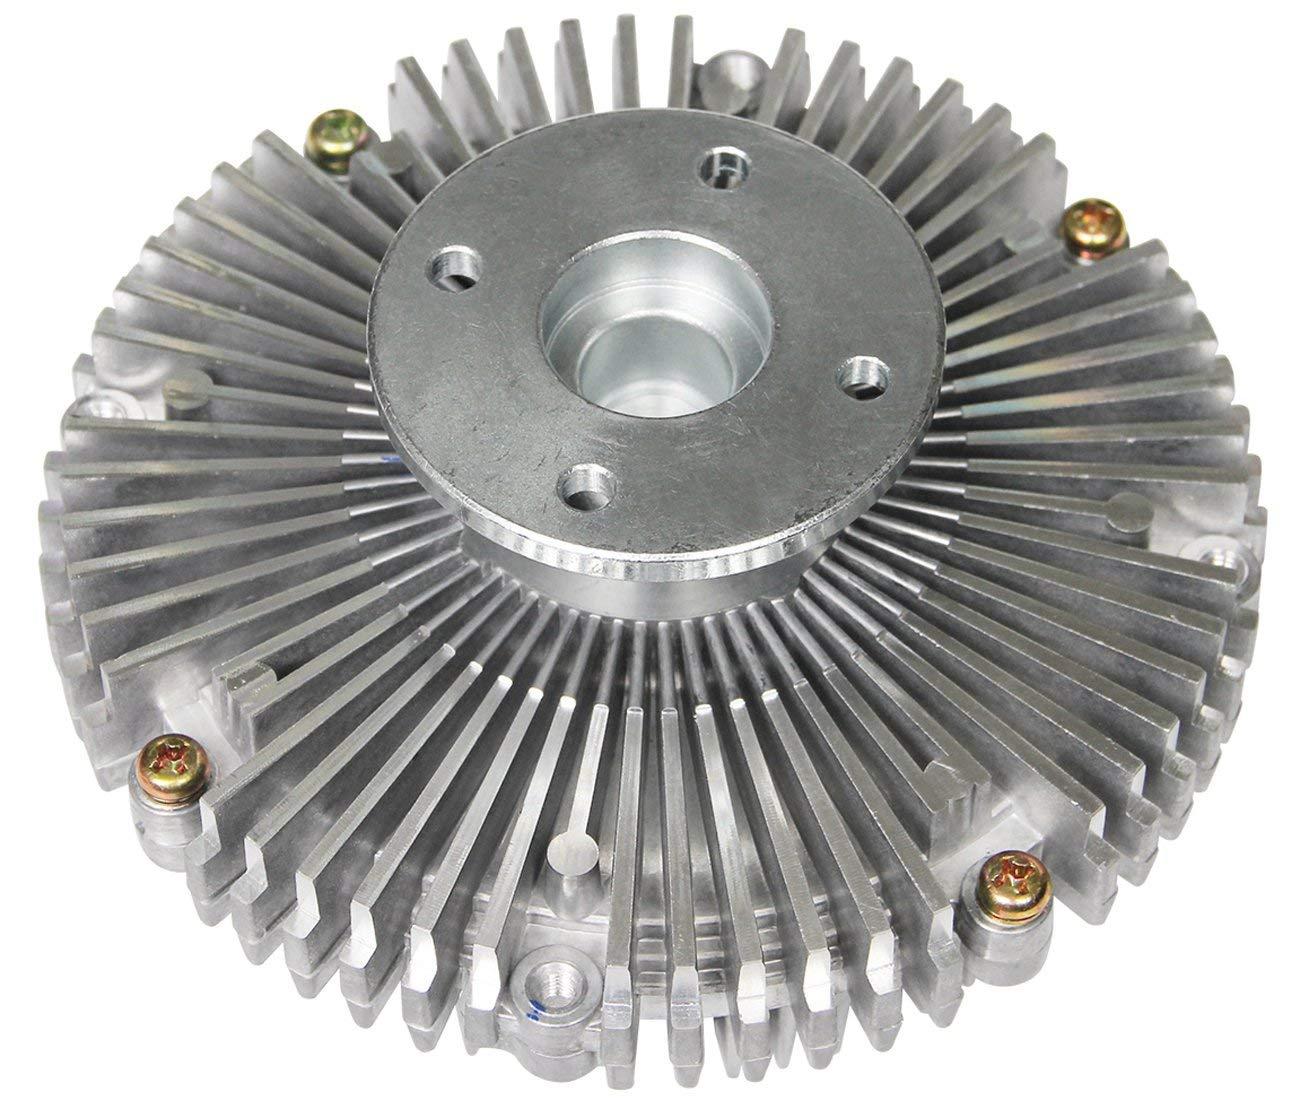 1987-1998 3.9L 5.9L Cummins turbo diesel ROCKER ARM pedestal 12v 6bt 4bt